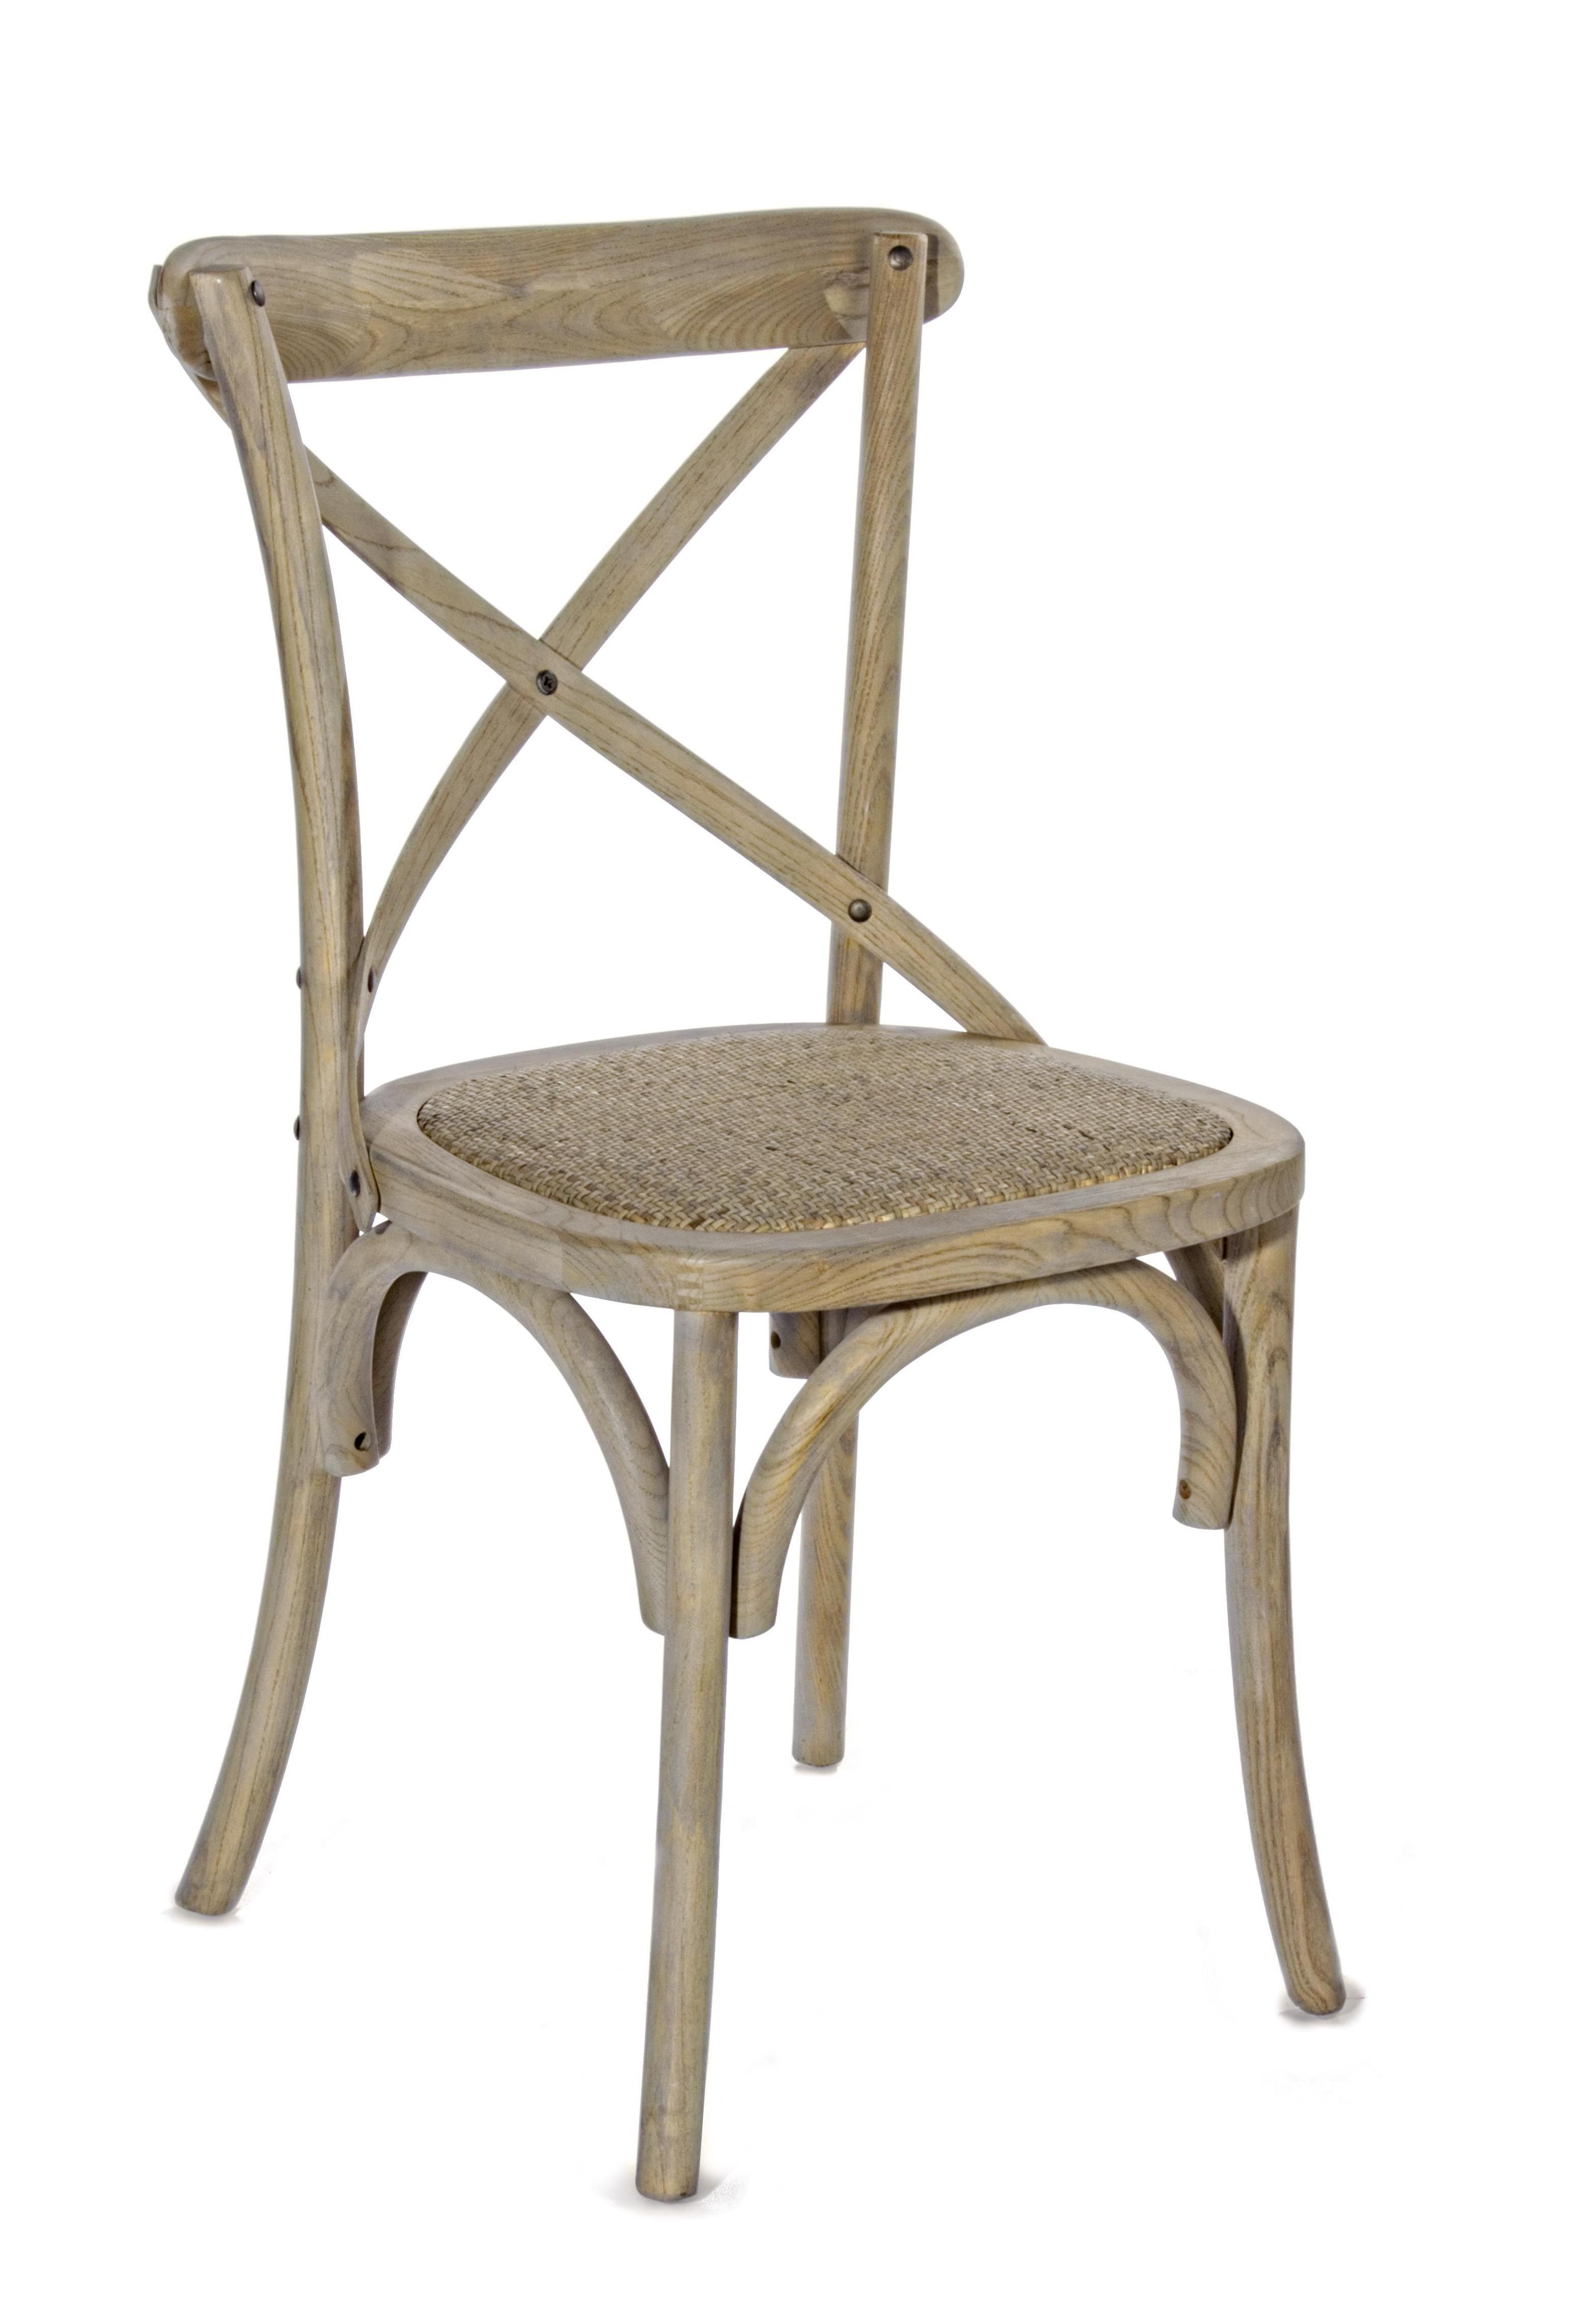 Silla cruceta en madera de olmo y asiento rattan cat logo for Catalogo de sillas de madera